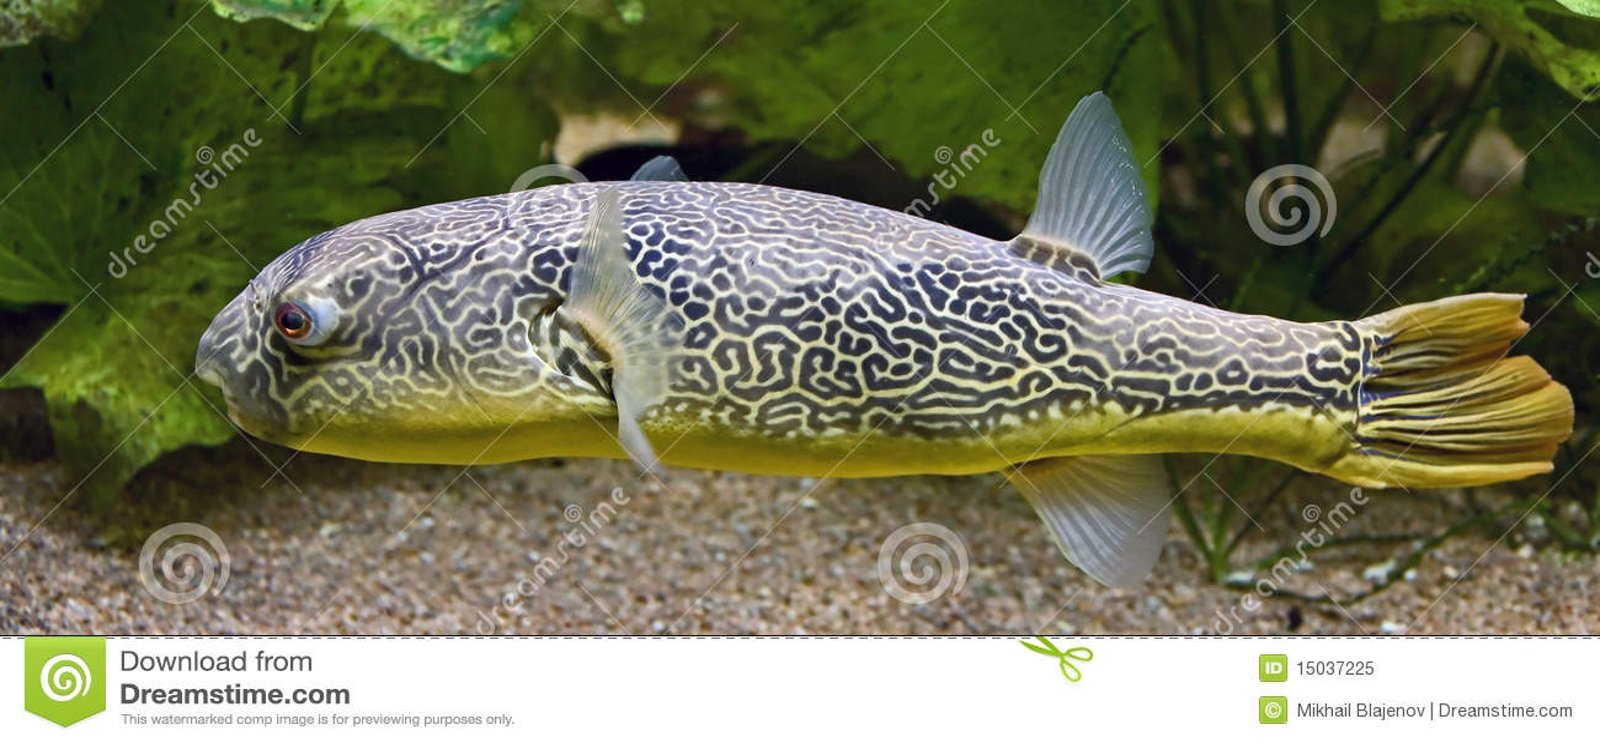 Pesce palla d 39 acqua dolce 3 immagine stock immagine di for Pesce pulitore acqua dolce